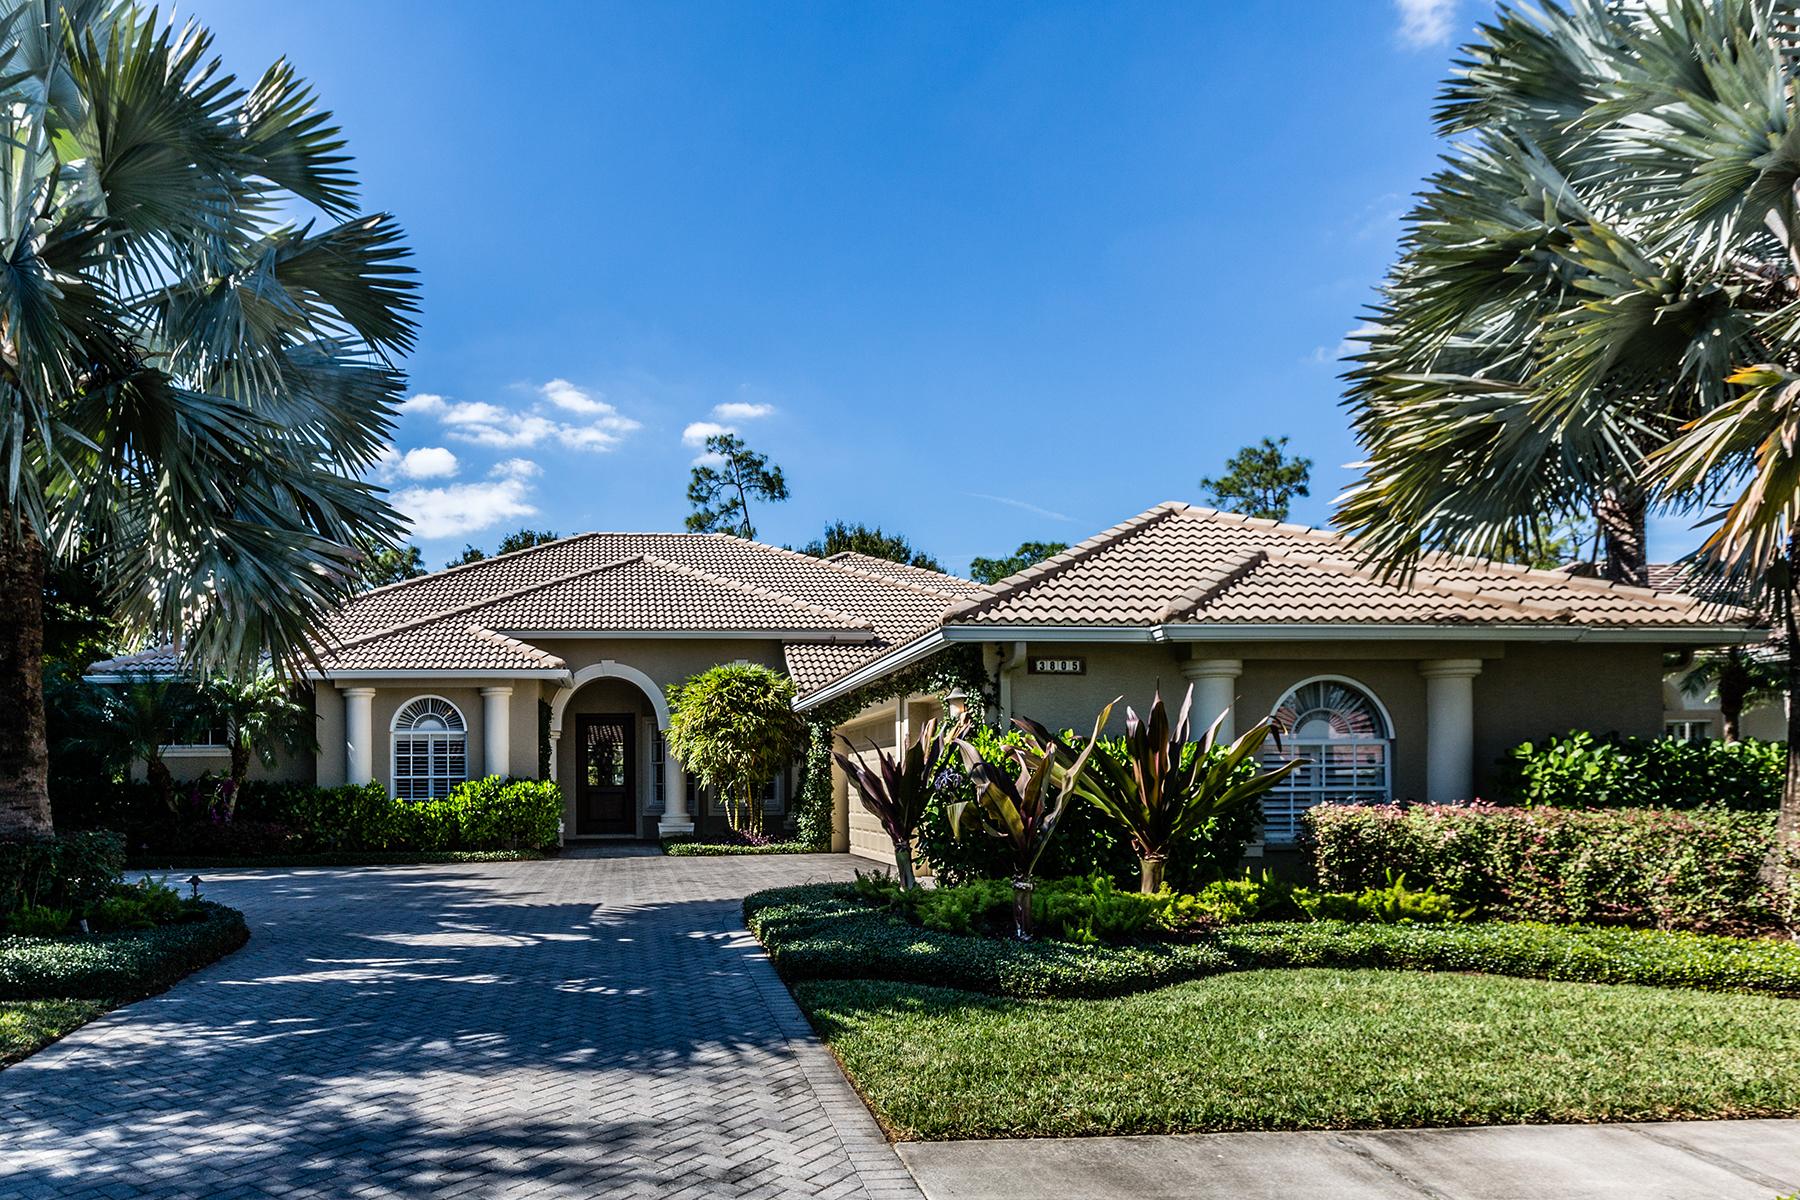 단독 가정 주택 용 매매 에 NAPLES - CEDAR HAMMOCK 3805 Wax Myrtle Naples, 플로리다, 34112 미국